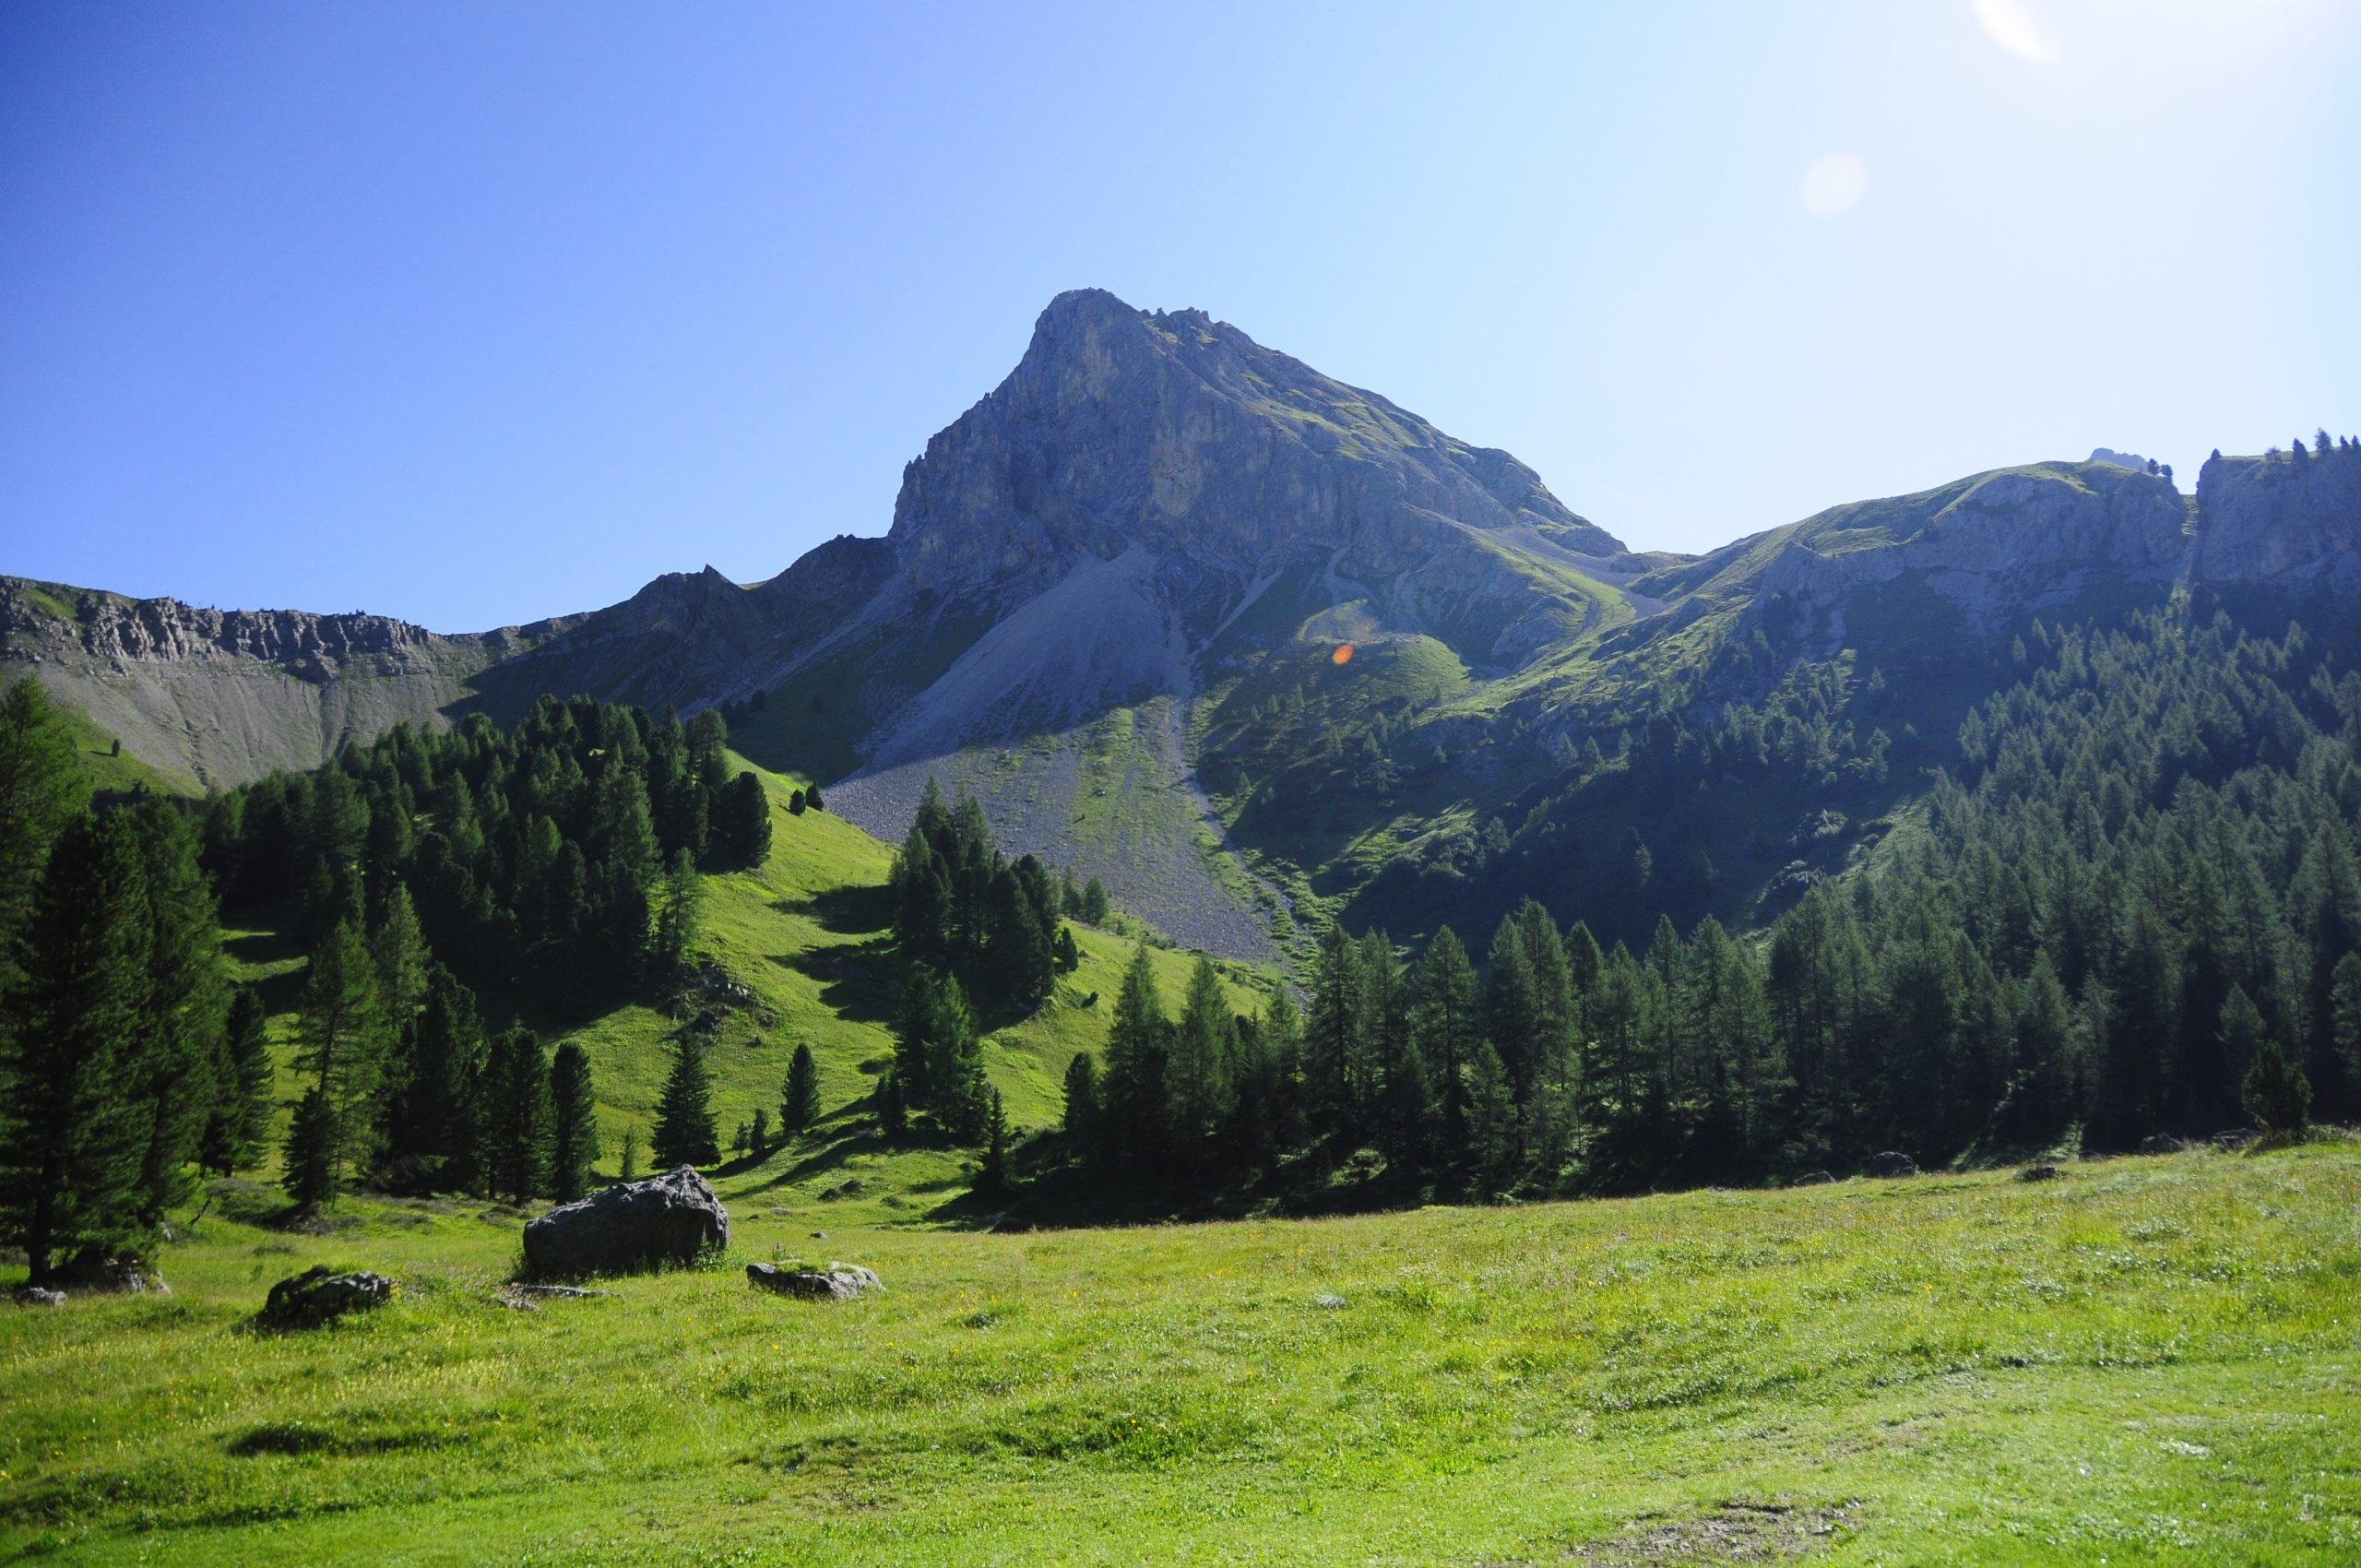 La roccia pura che contrasta con il cielo azzurro ed i prati verdeggianti